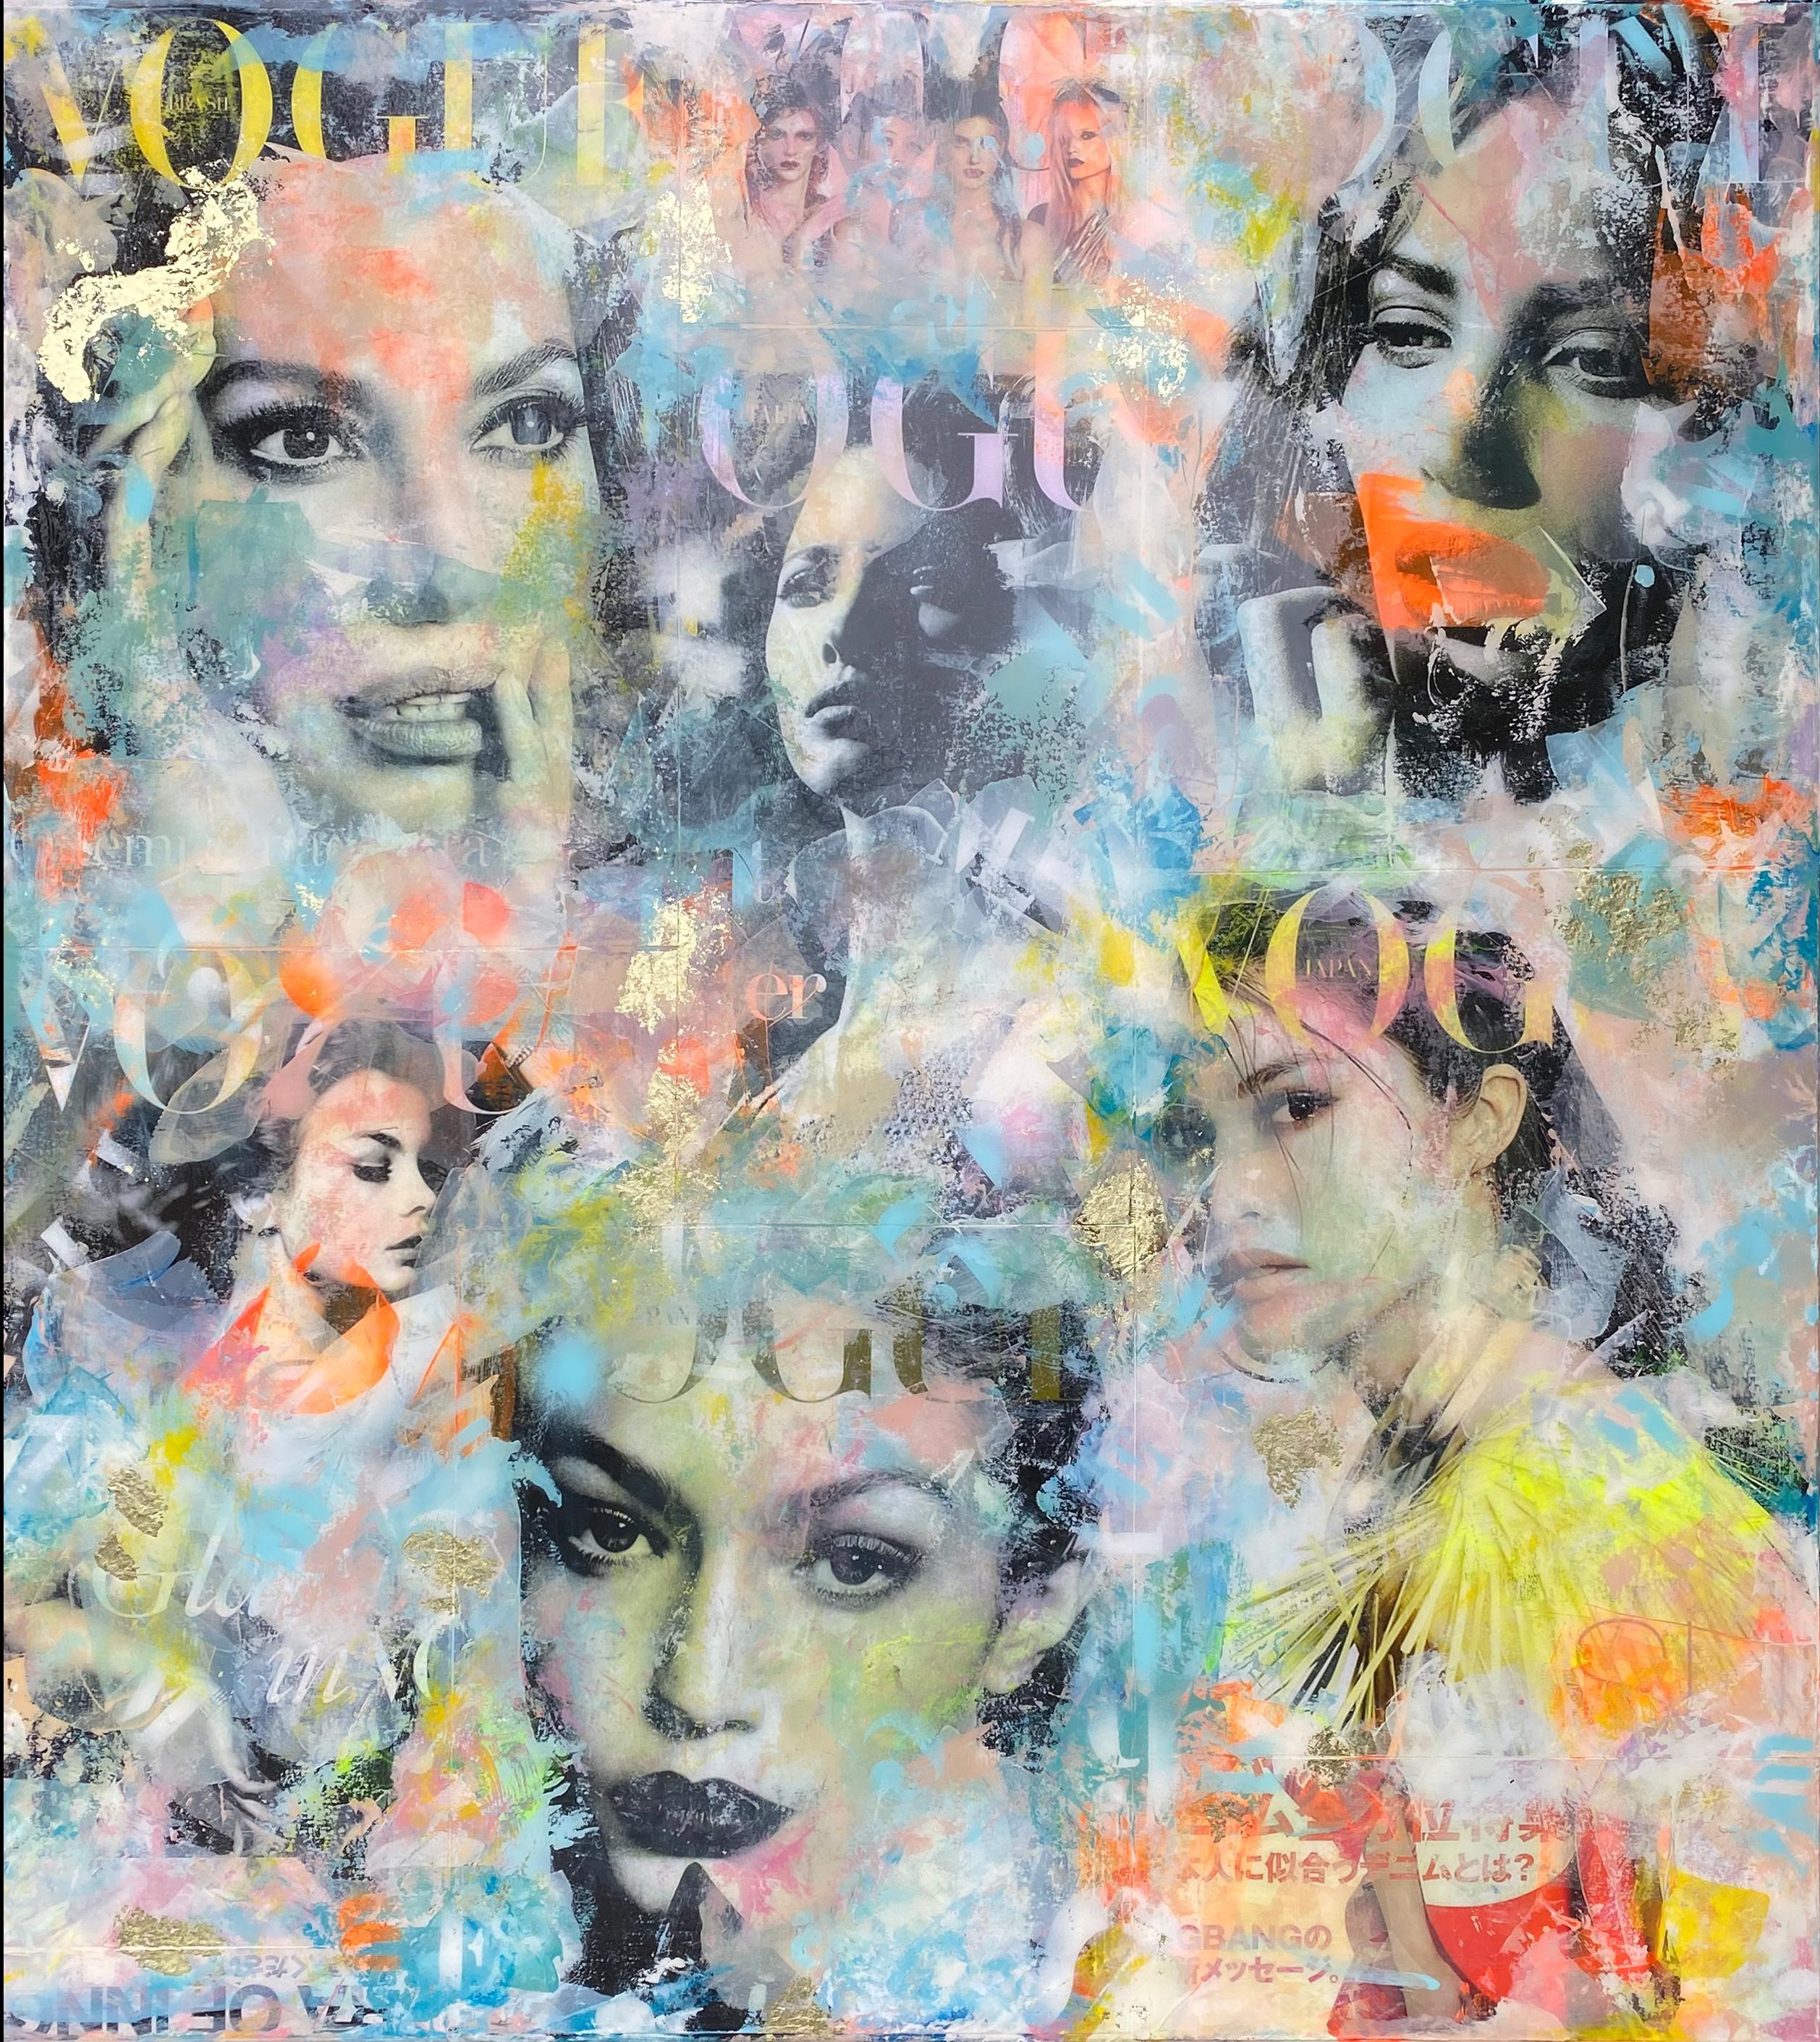 Gold Fashion - Vogue, Luxury, Contemporary Art, modern, Collage, Original